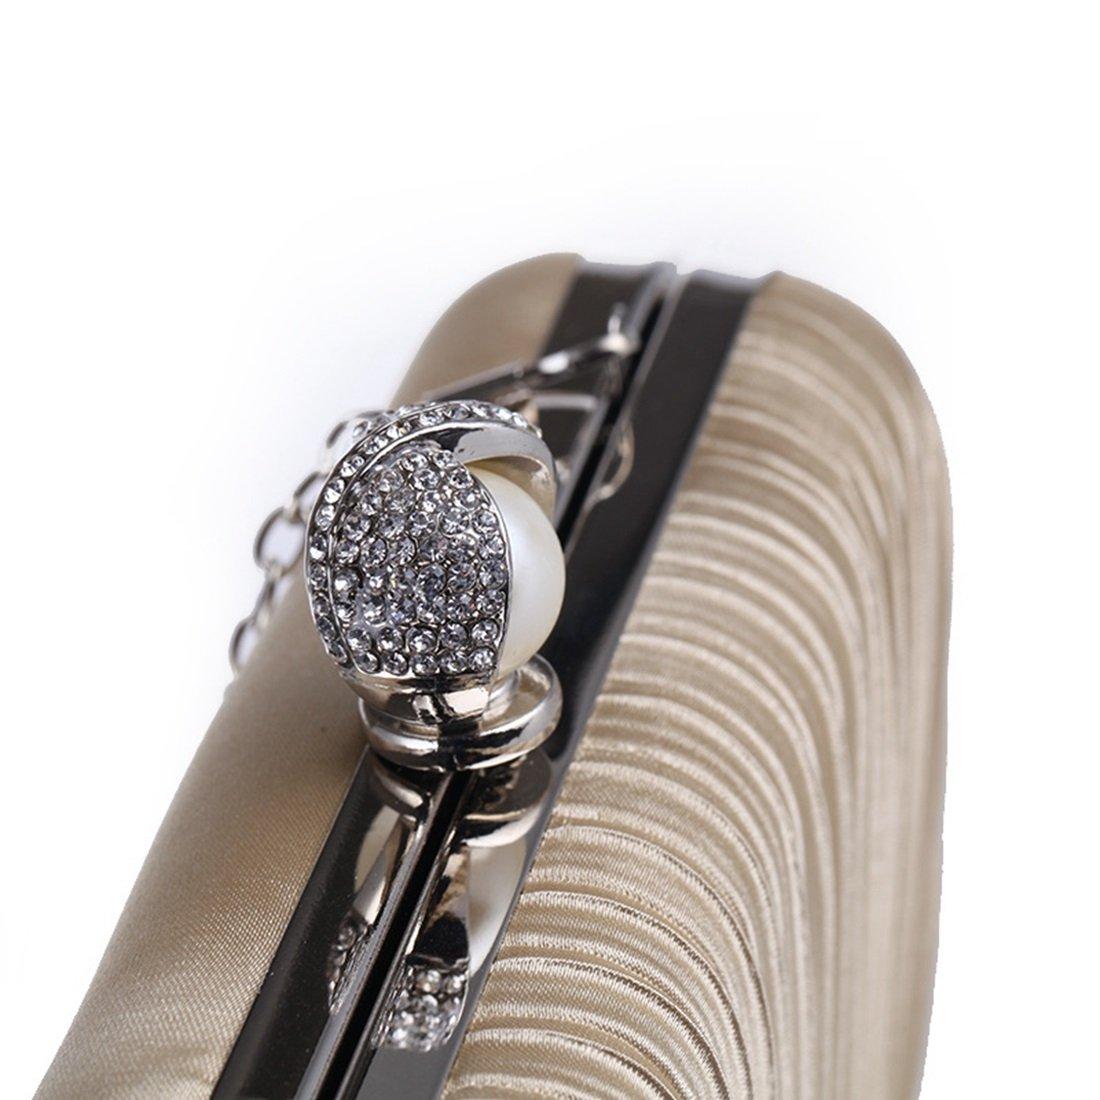 JESSIEKERVIN Frauen Diamant Diamant Diamant Clutch Handtasche Handtasche Mode Abendtasche Plissee Stoff Handwerk Tasche (Farbe   Apricot) B07FSDV2P6 Clutches Kaufen ac218d